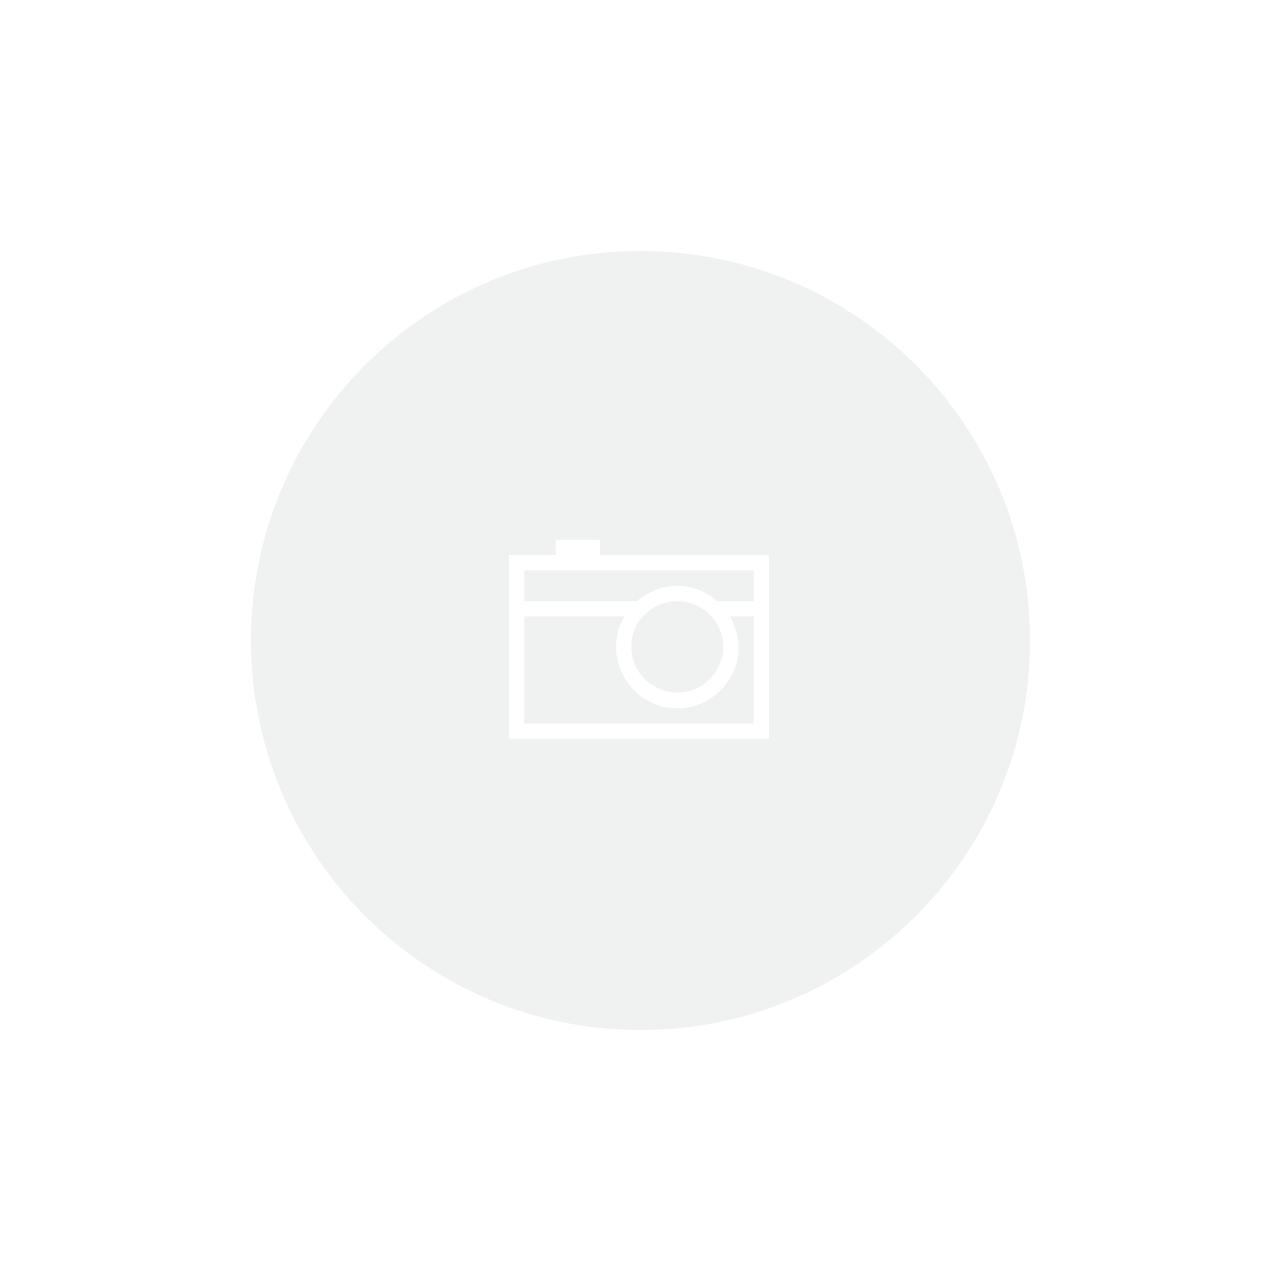 Caçarola Lyon 14 cm Vermelha 0,8l Tramontina